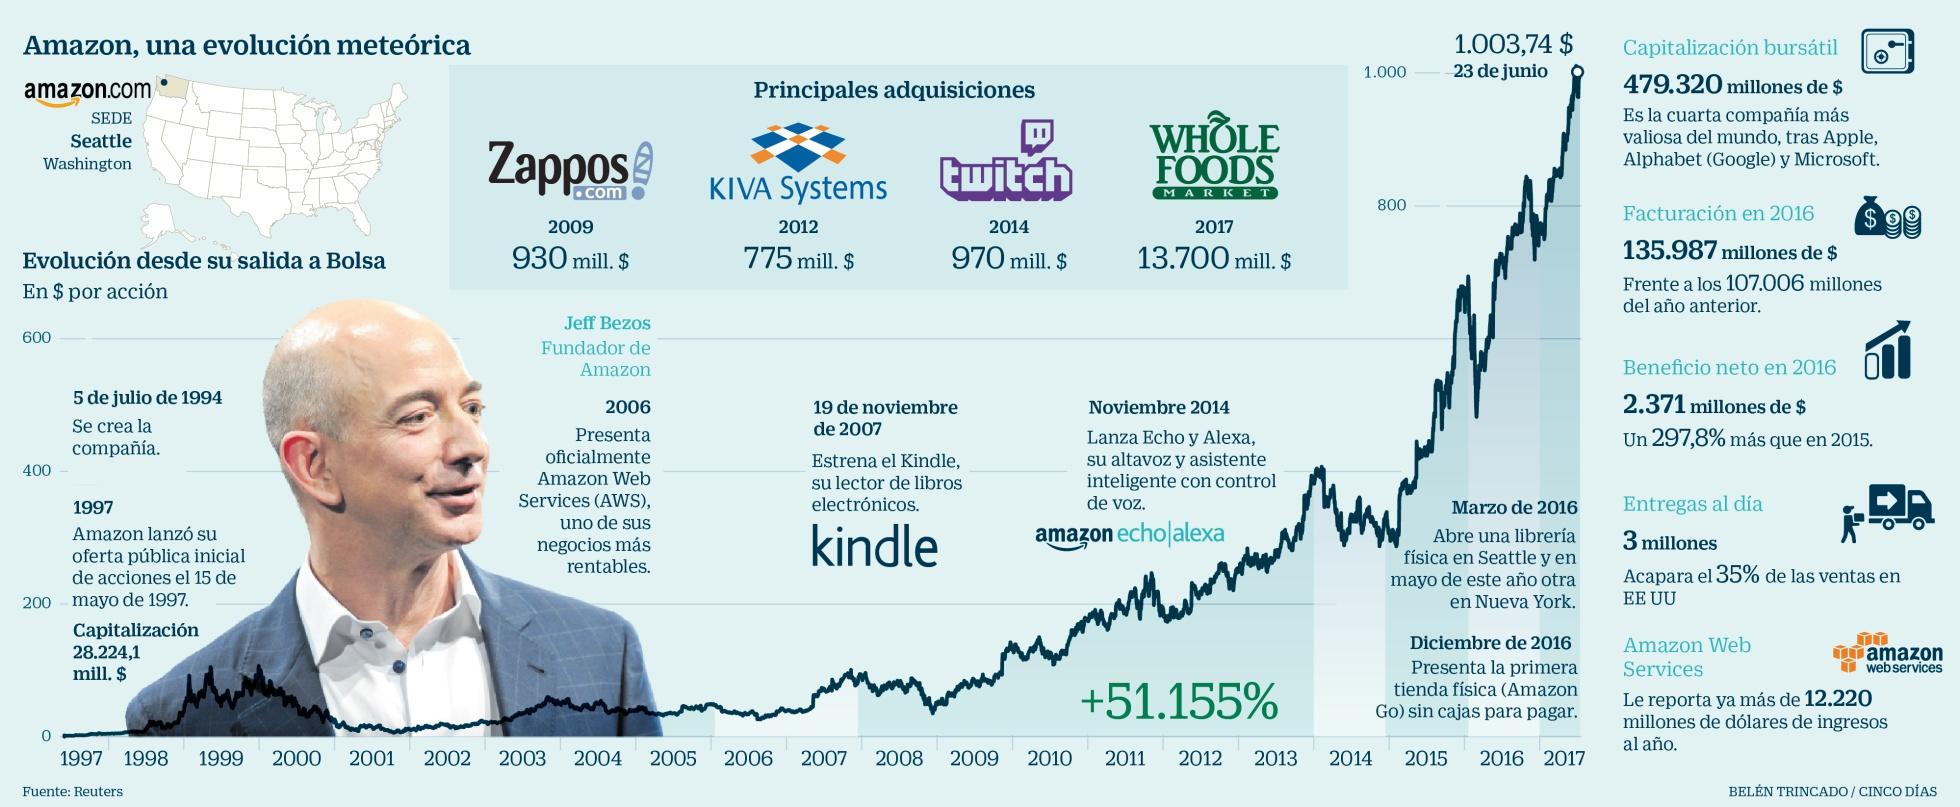 amazon_infografia